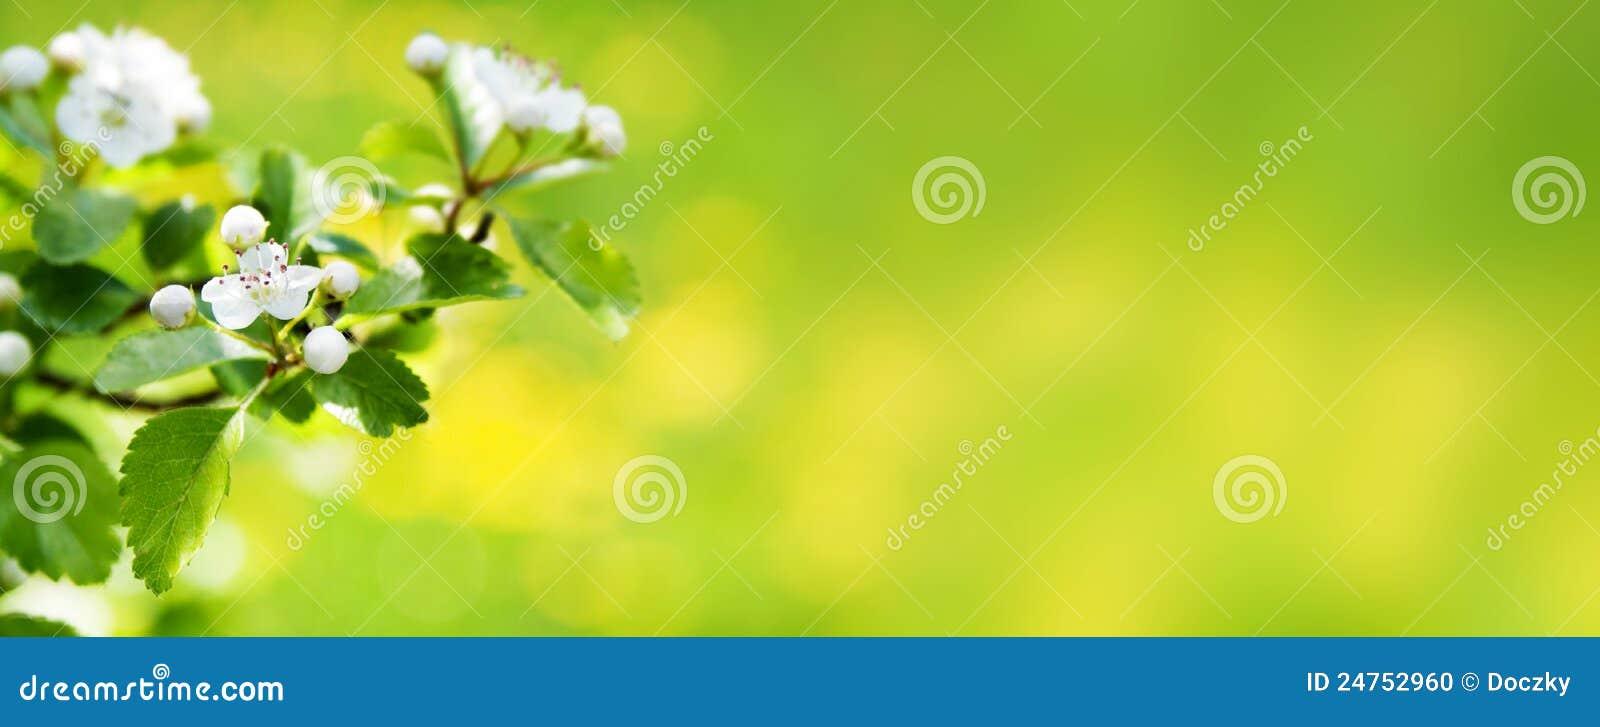 Bandera o cabecera del Web del flor de la naturaleza del resorte.